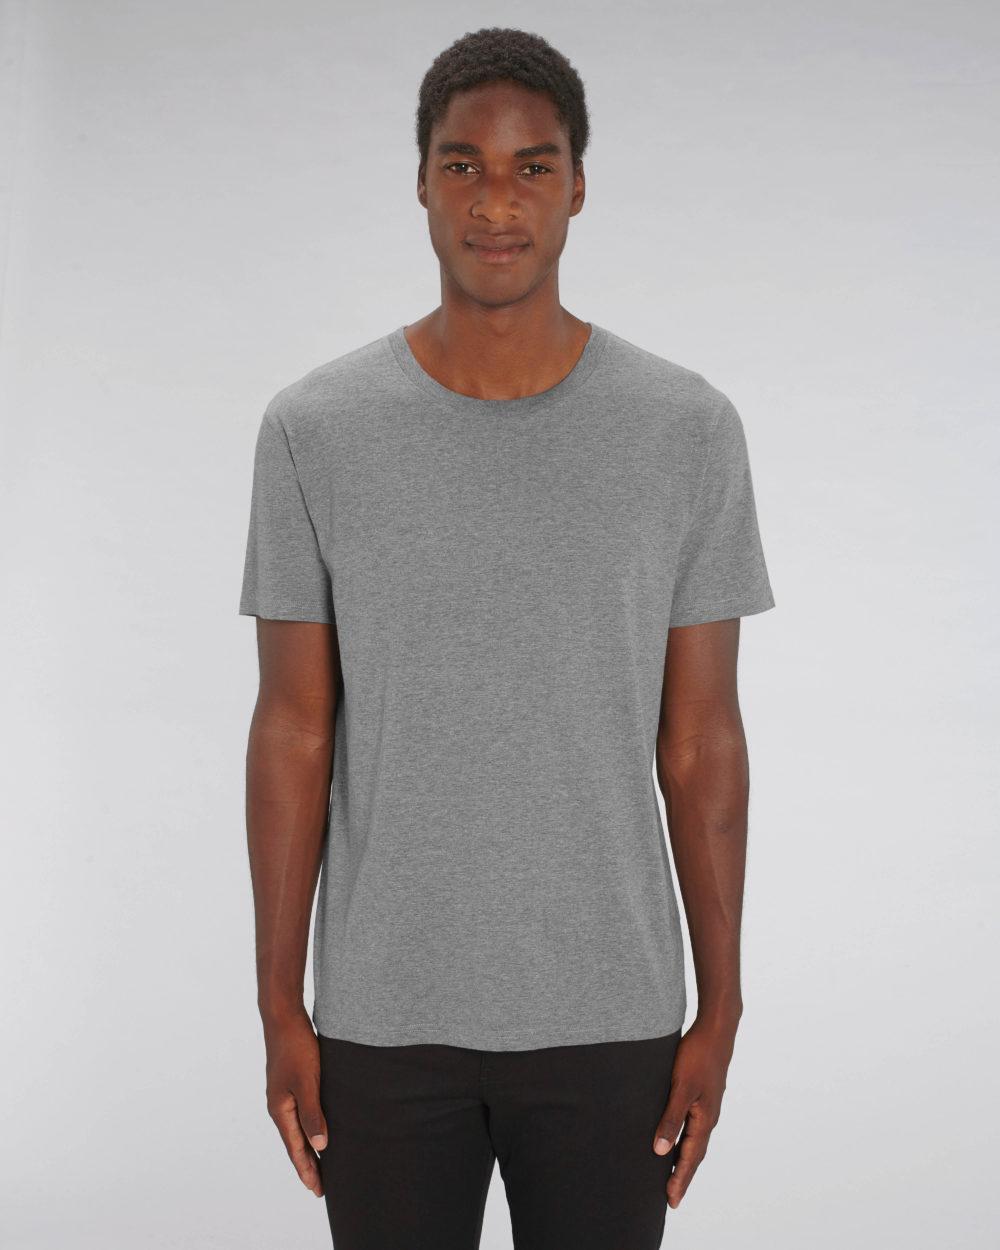 STTU755 Stanley/Stella Creator Unisex T Shirt PAS